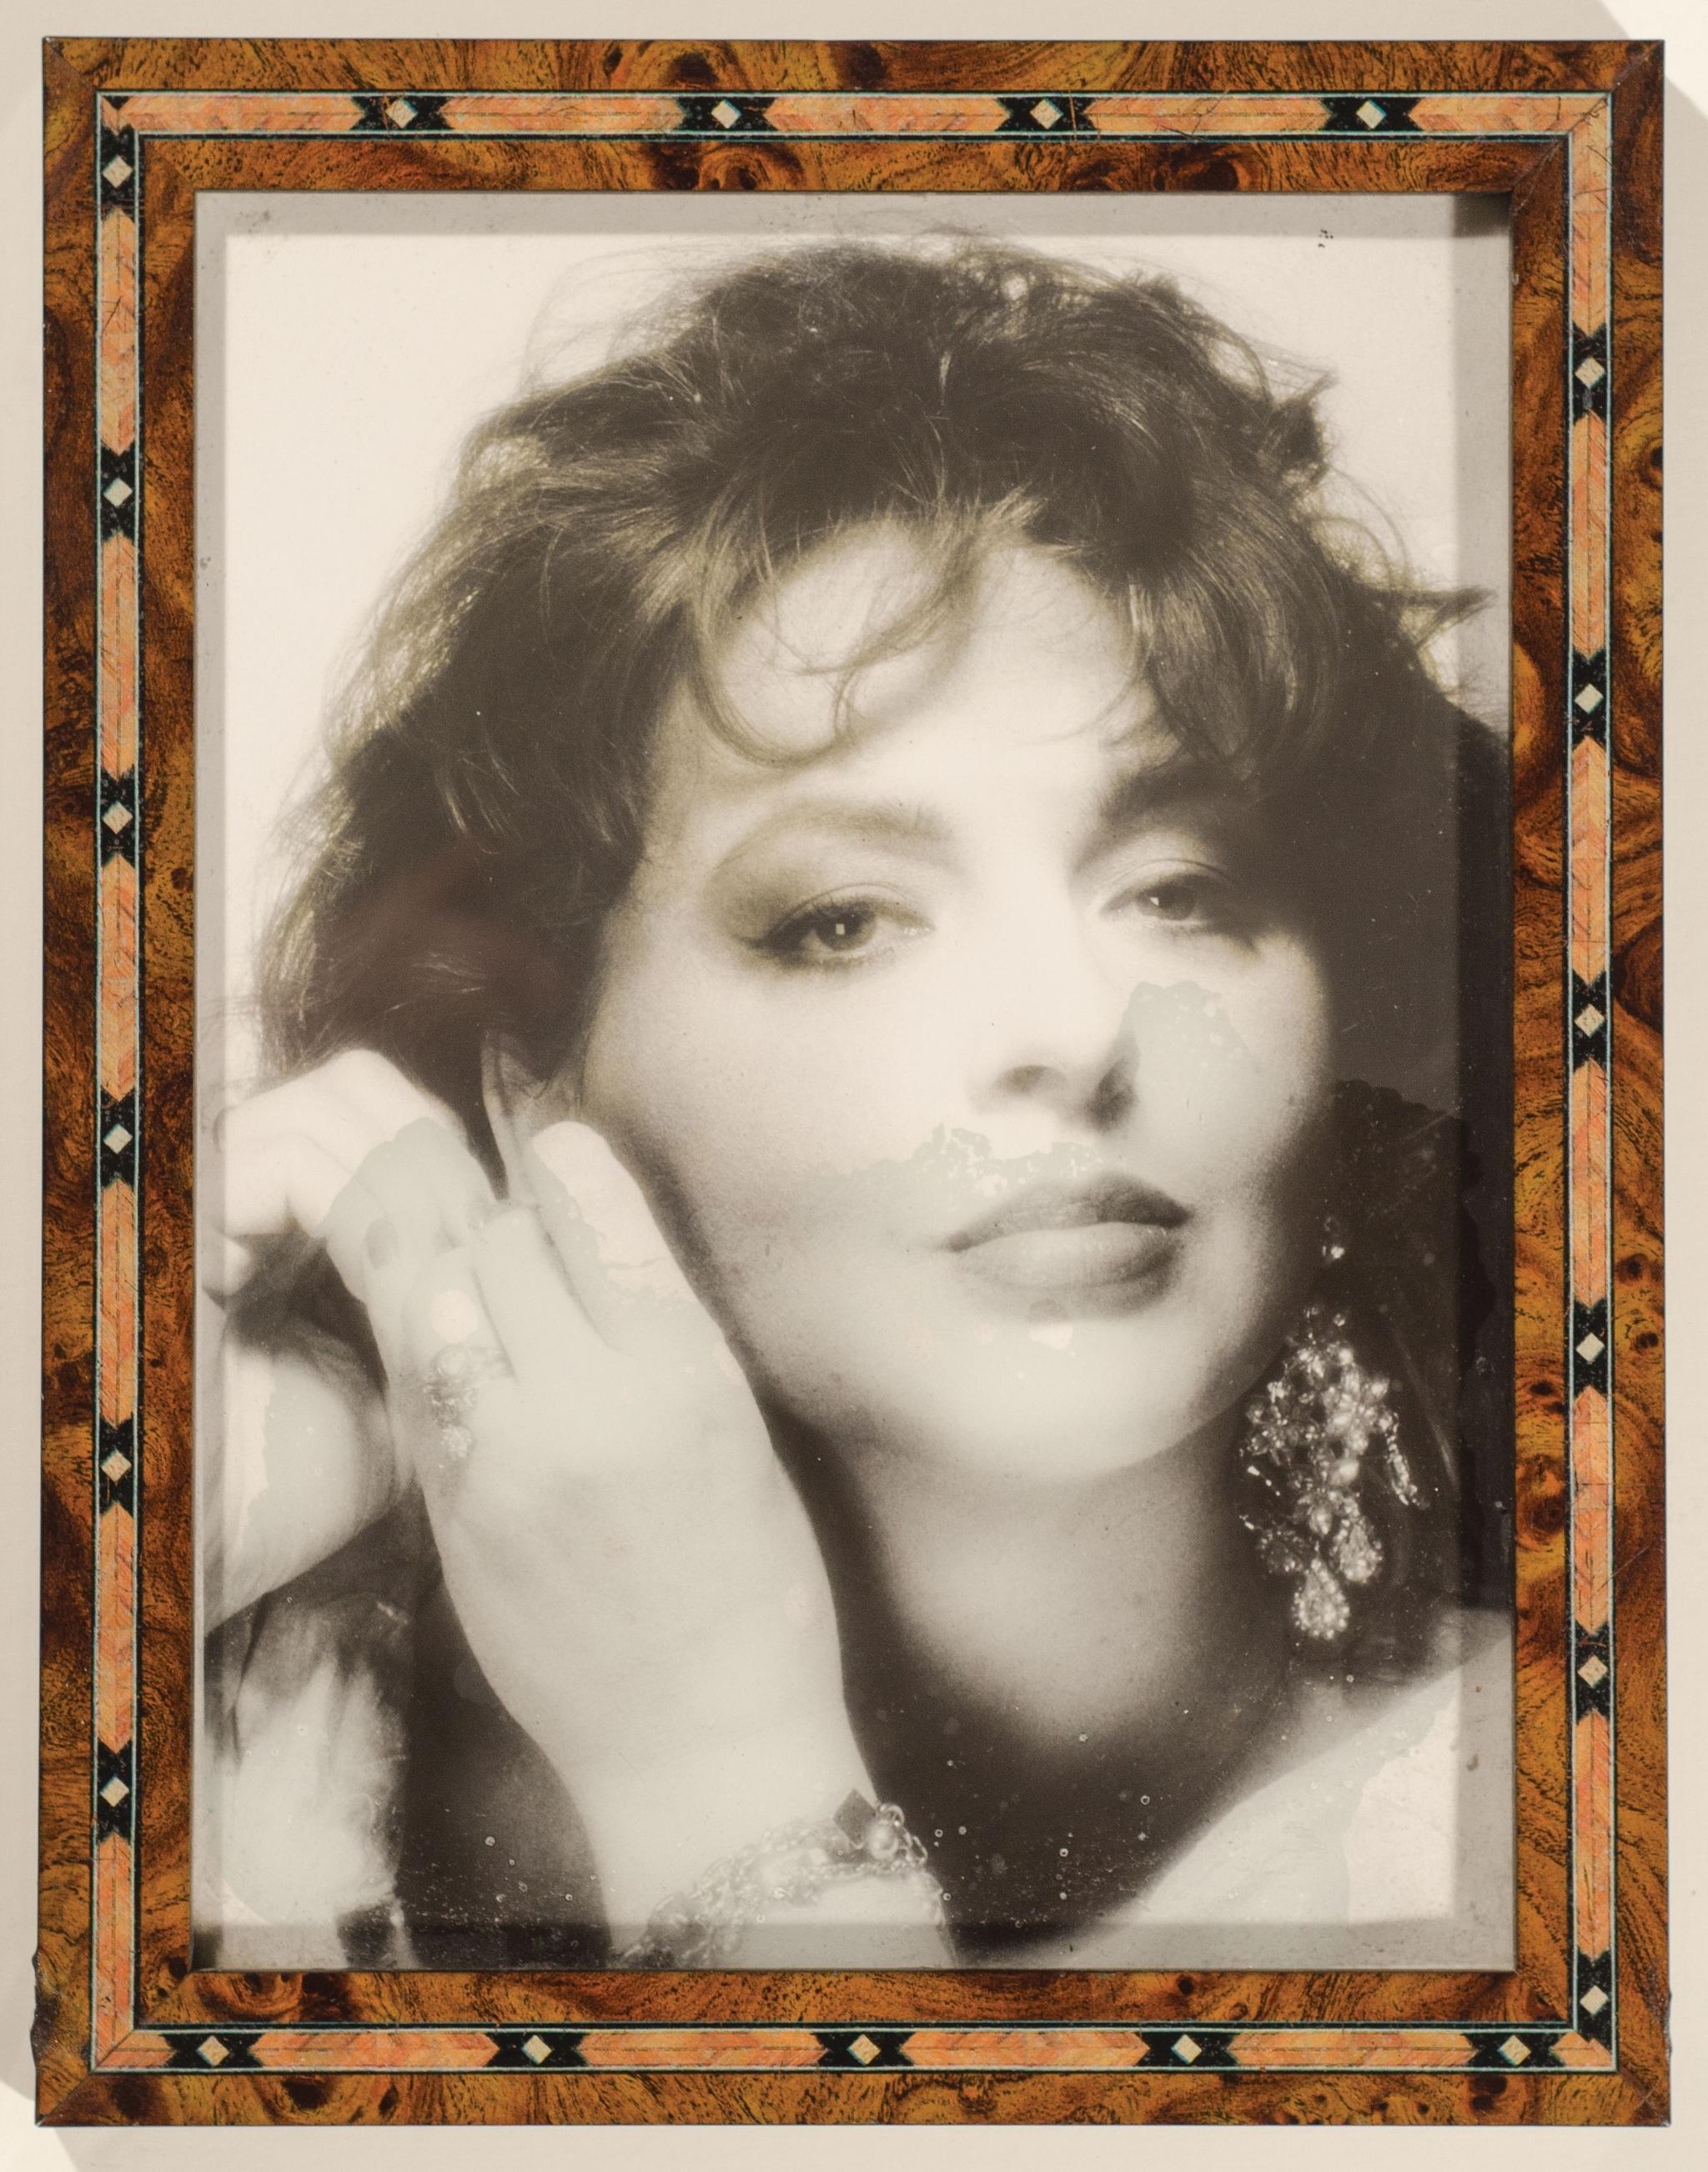 Przed sylwestrem, 1992 rok. (fot. archiwum prywatne)